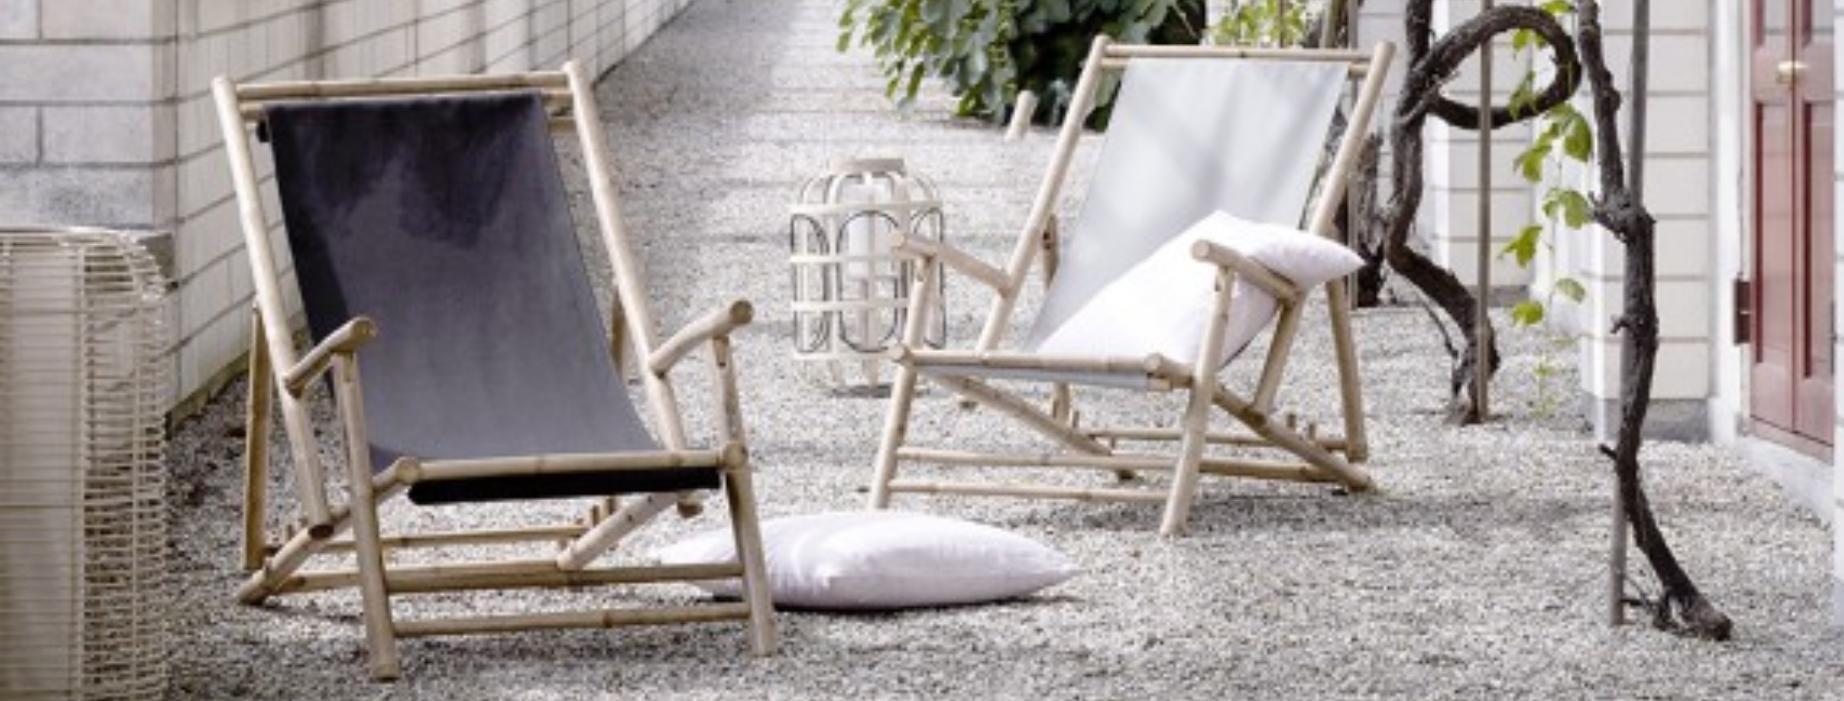 Los muebles que no pueden faltar este verano en tu terraza o jardín tumbonas